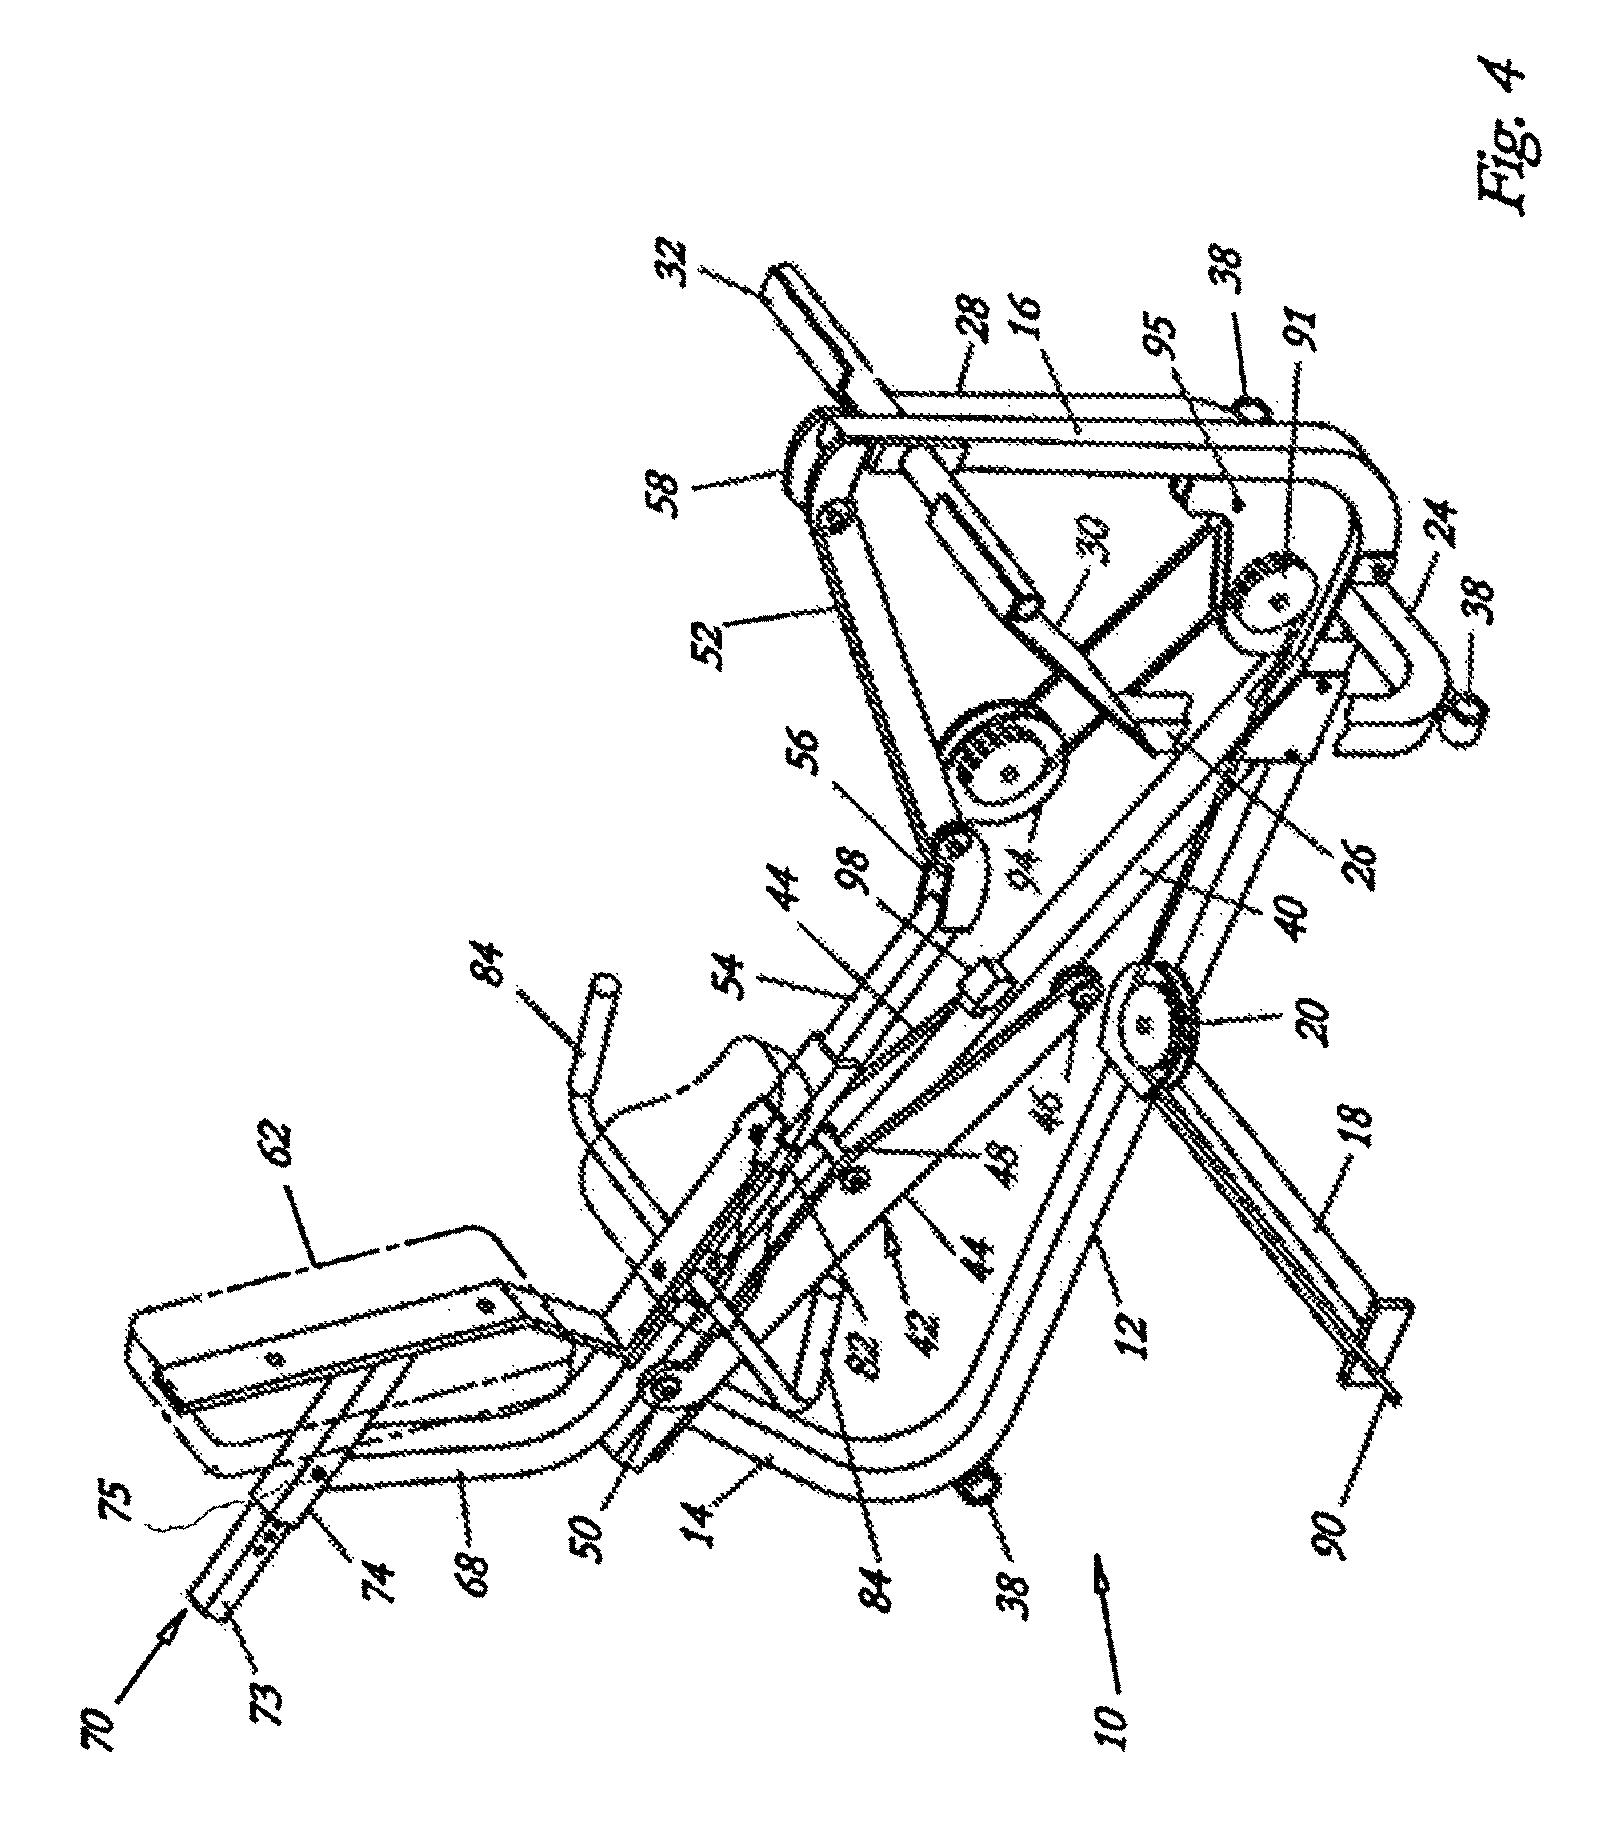 Patent US7727128 - Leg press machine - Google Patents